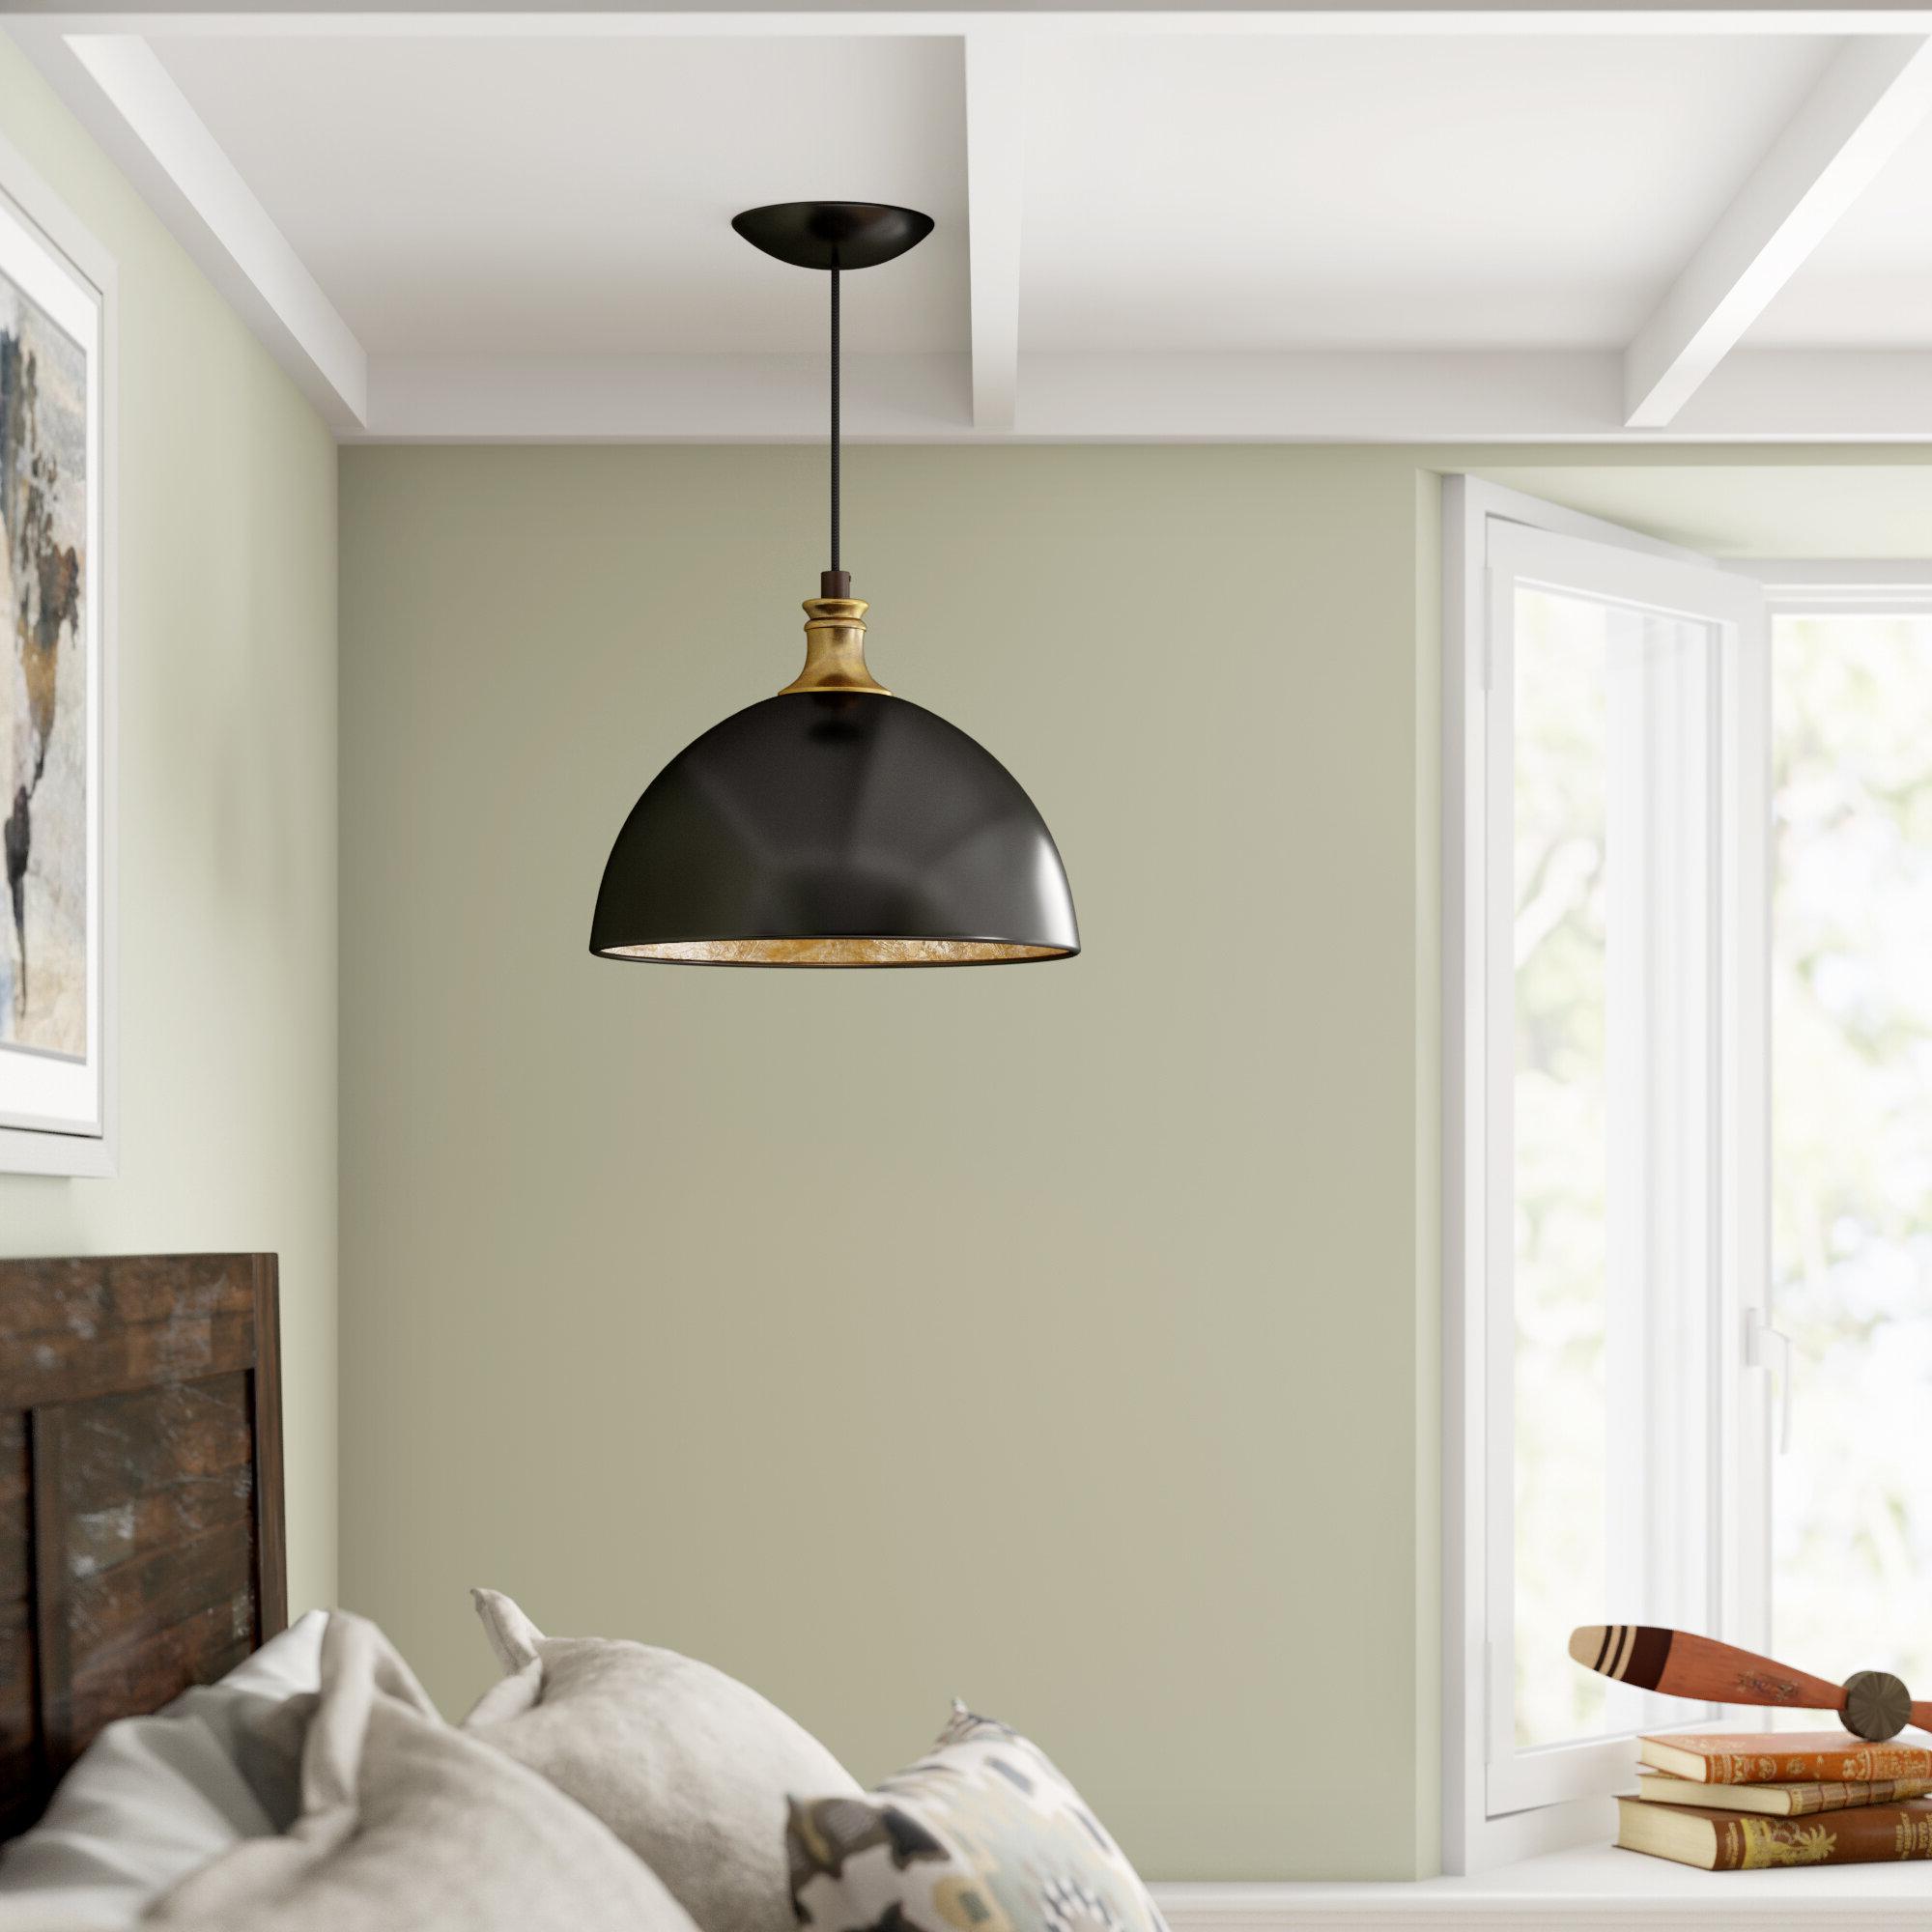 2019 Ryker 1 Light Single Dome Pendants Intended For Vanhoose 1 Light Single Dome Pendant (Gallery 3 of 20)